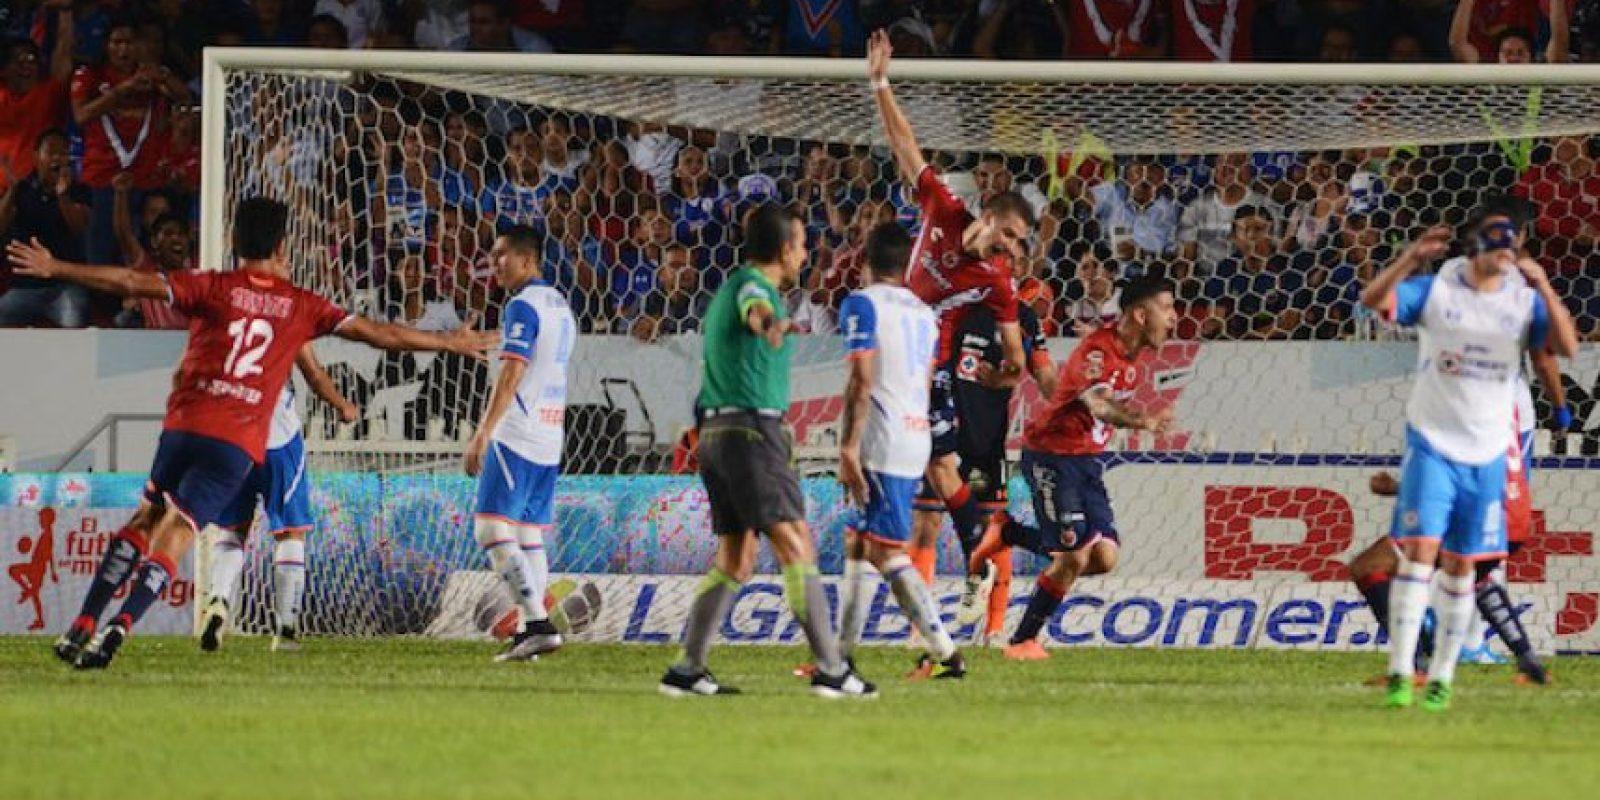 Veracruz deja al Cruz Azul al borde de la eliminación Foto:Mexsport